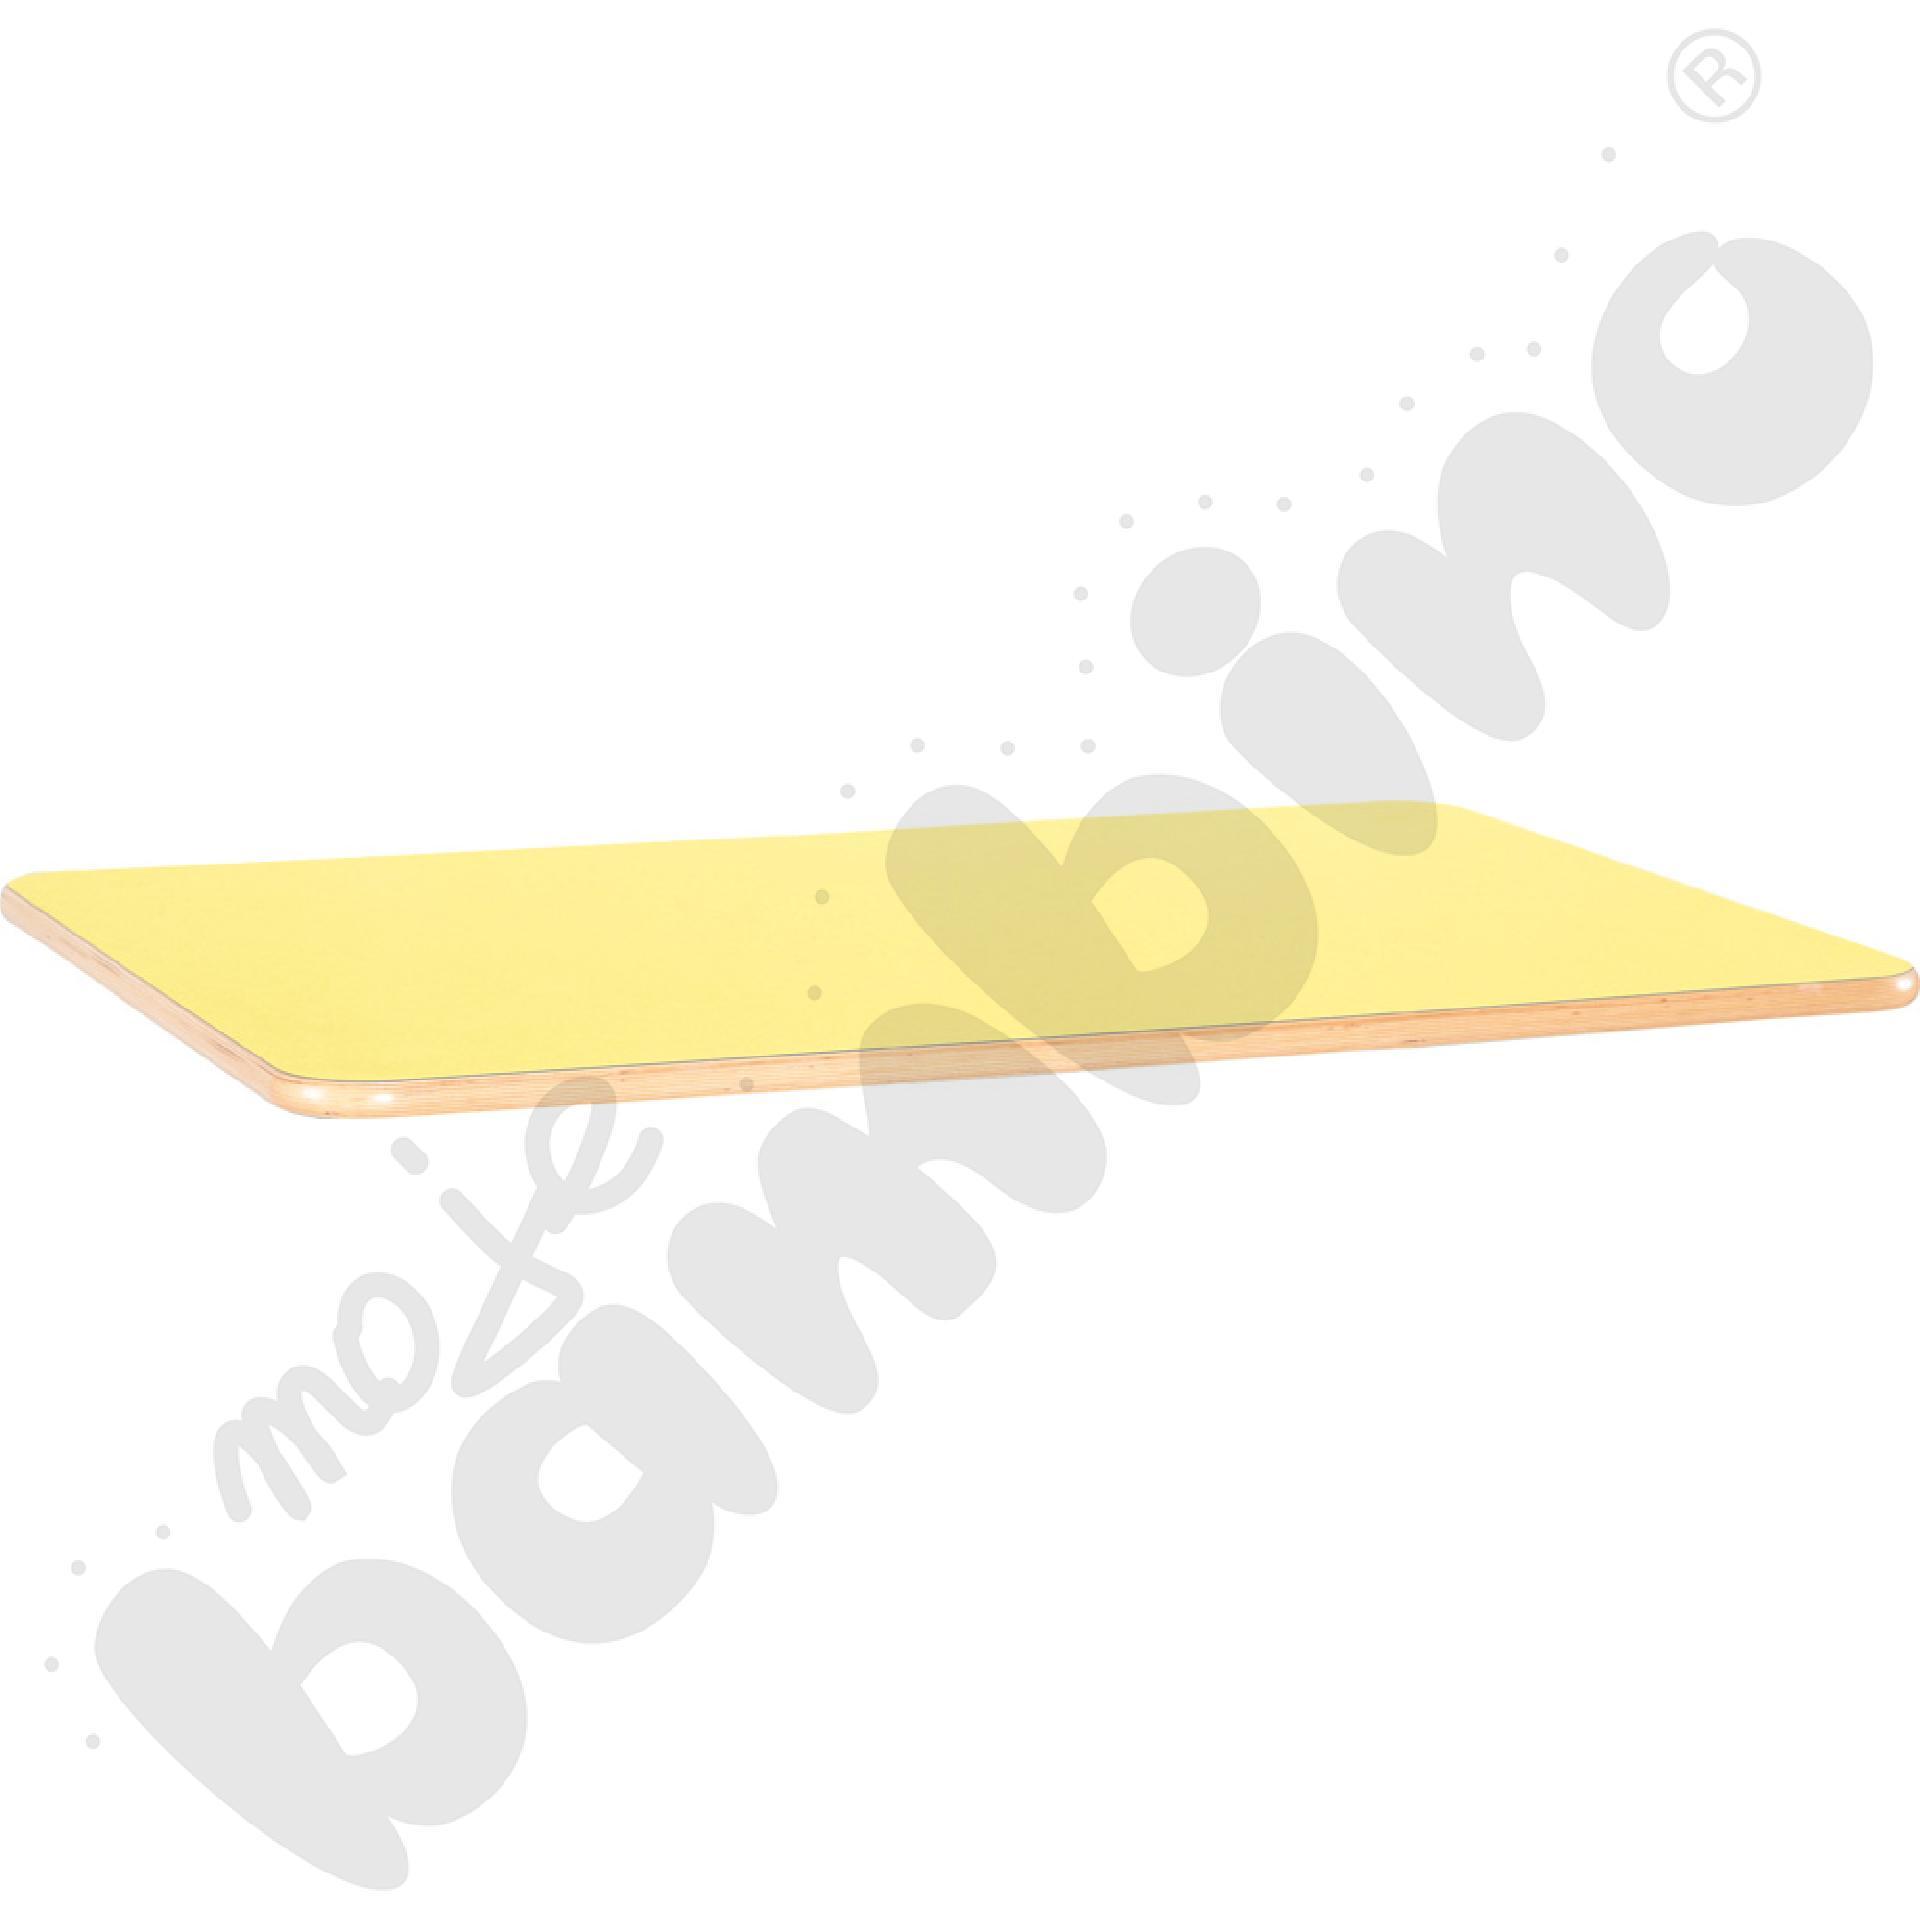 Blat Flexi prostokątny - żółty